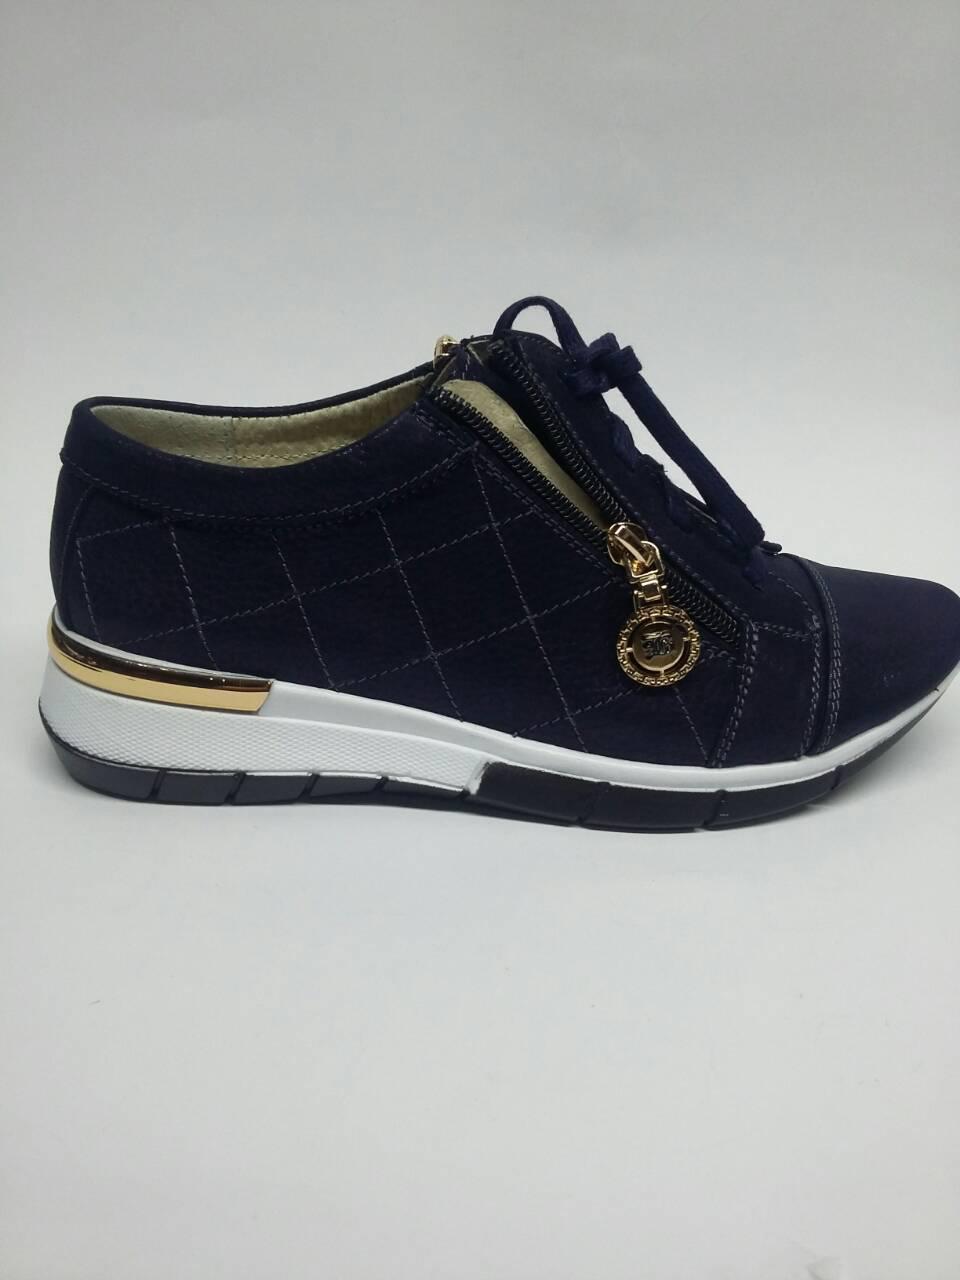 2e998918898b Женские спортивные туфли на шнуровке из натуральной замши синего цвета